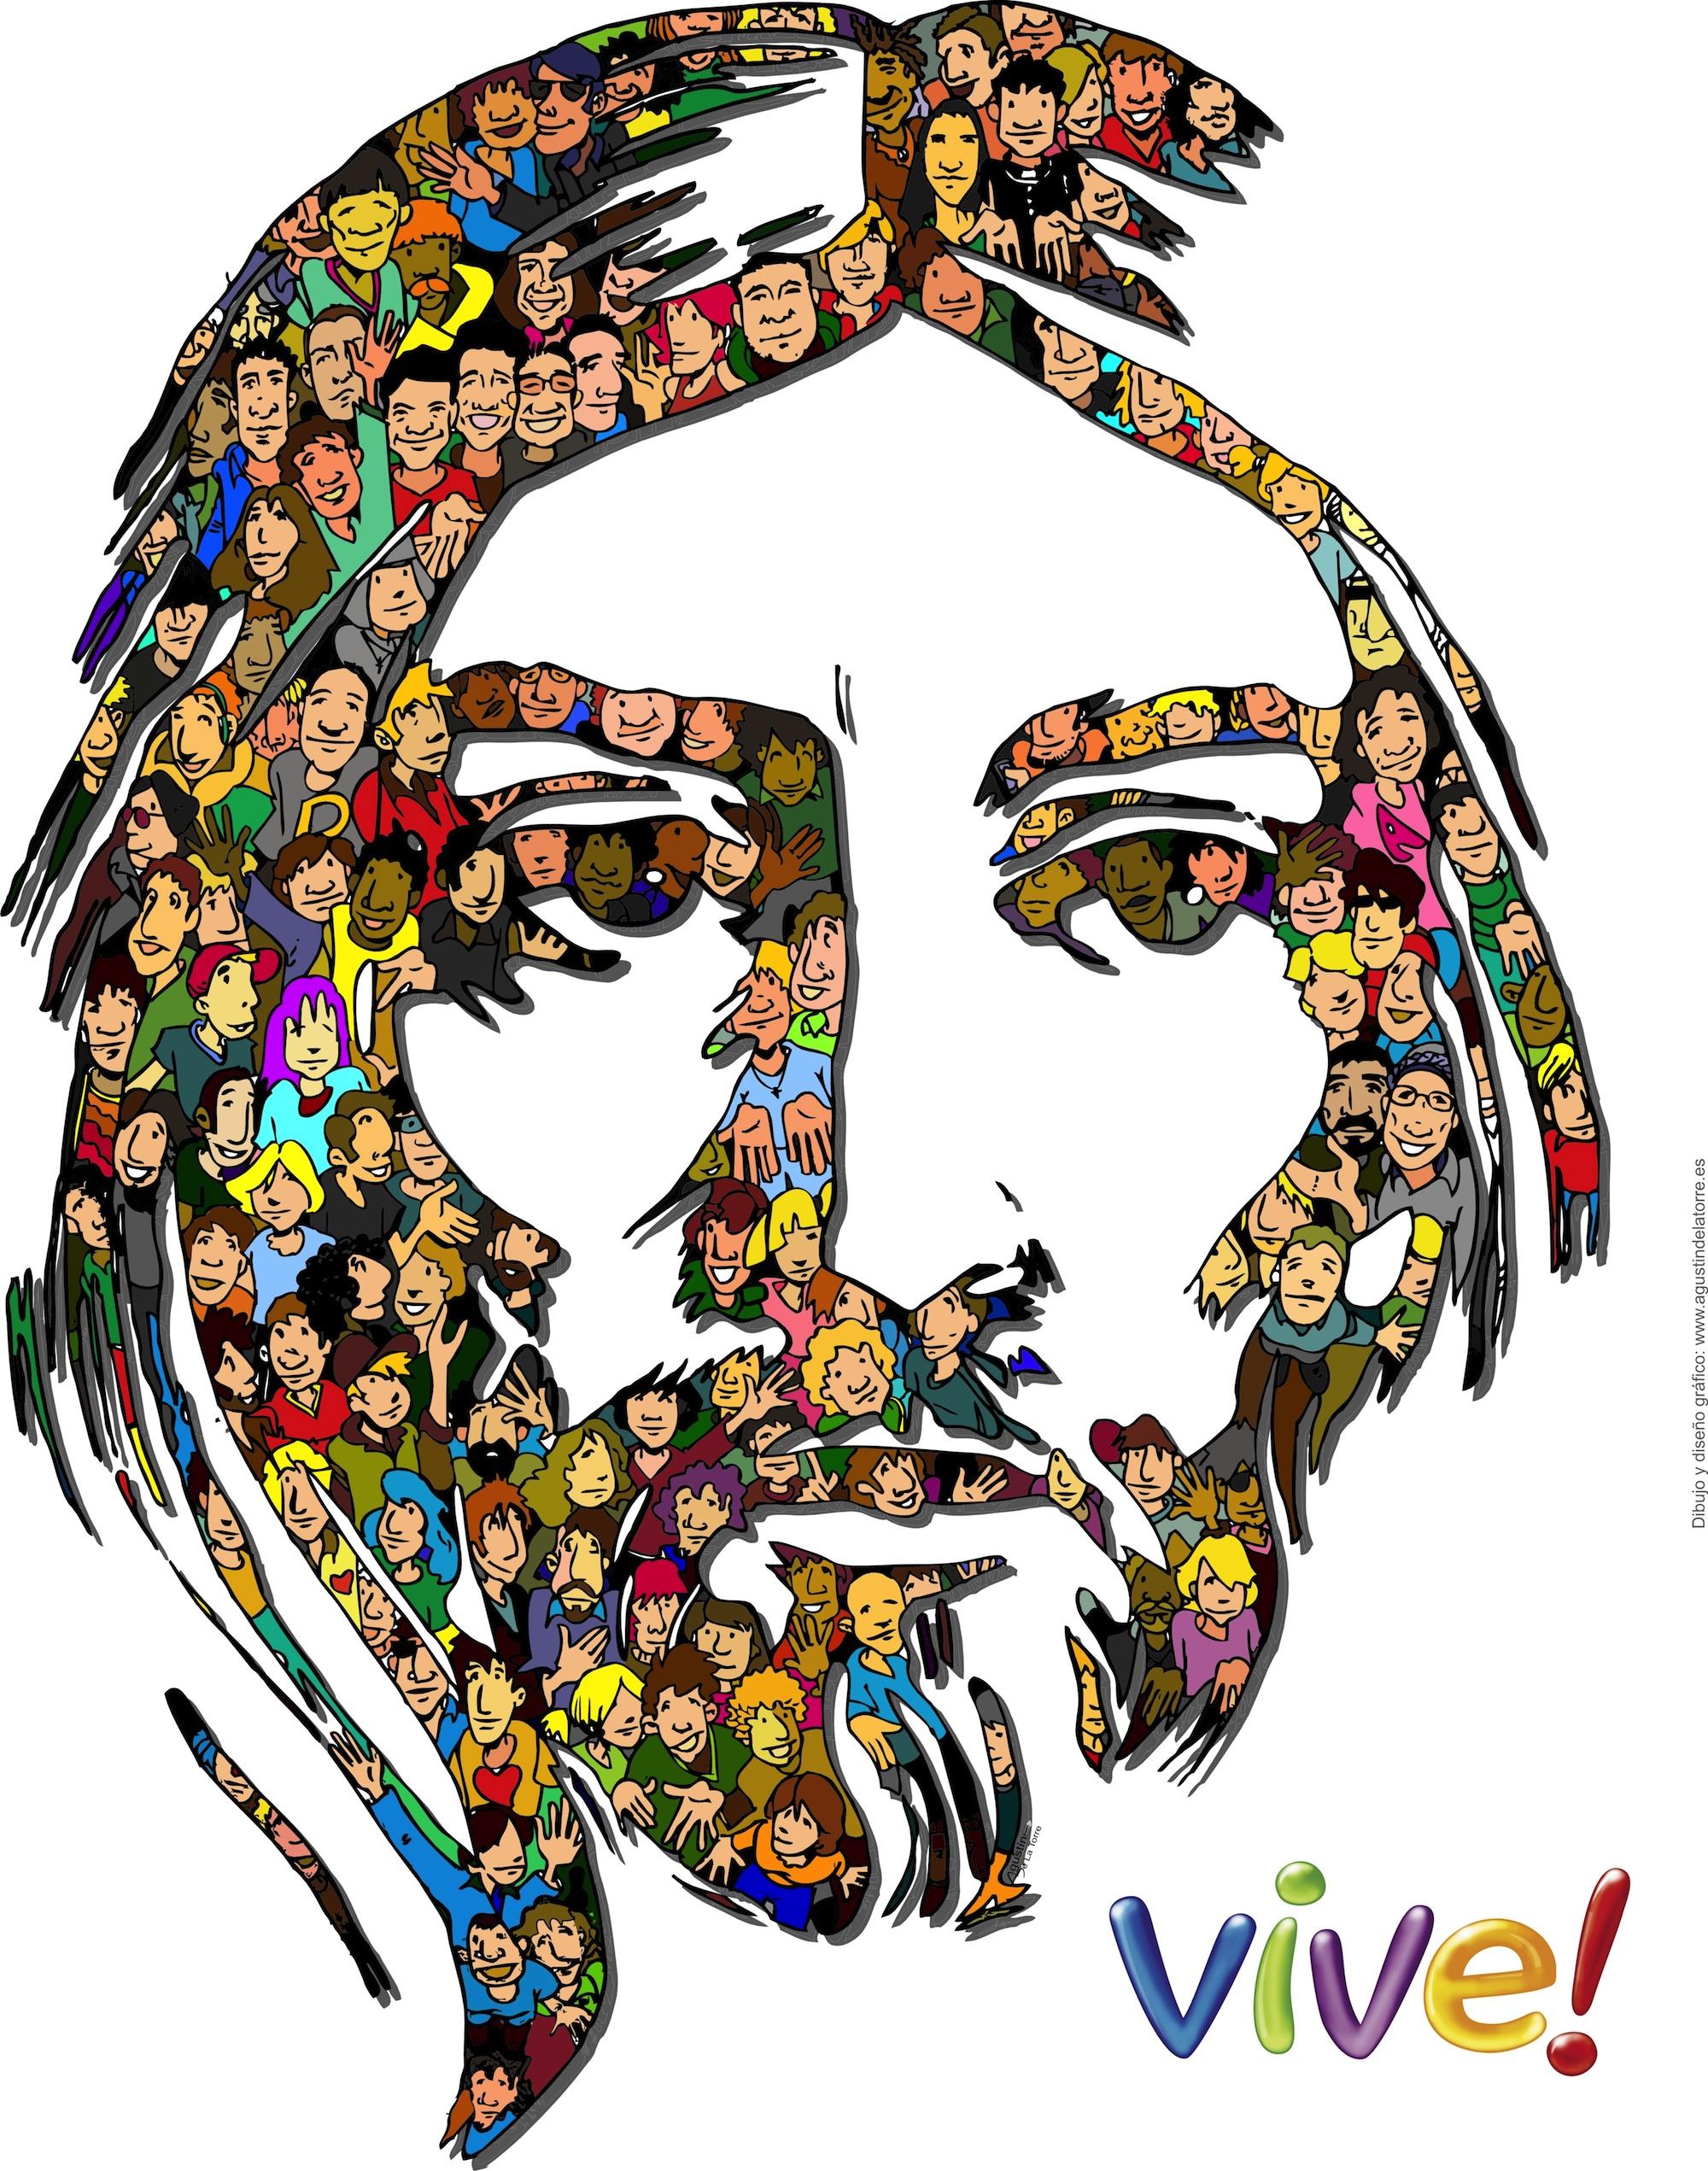 Jesús+vive+caras+jovenes con vive copia